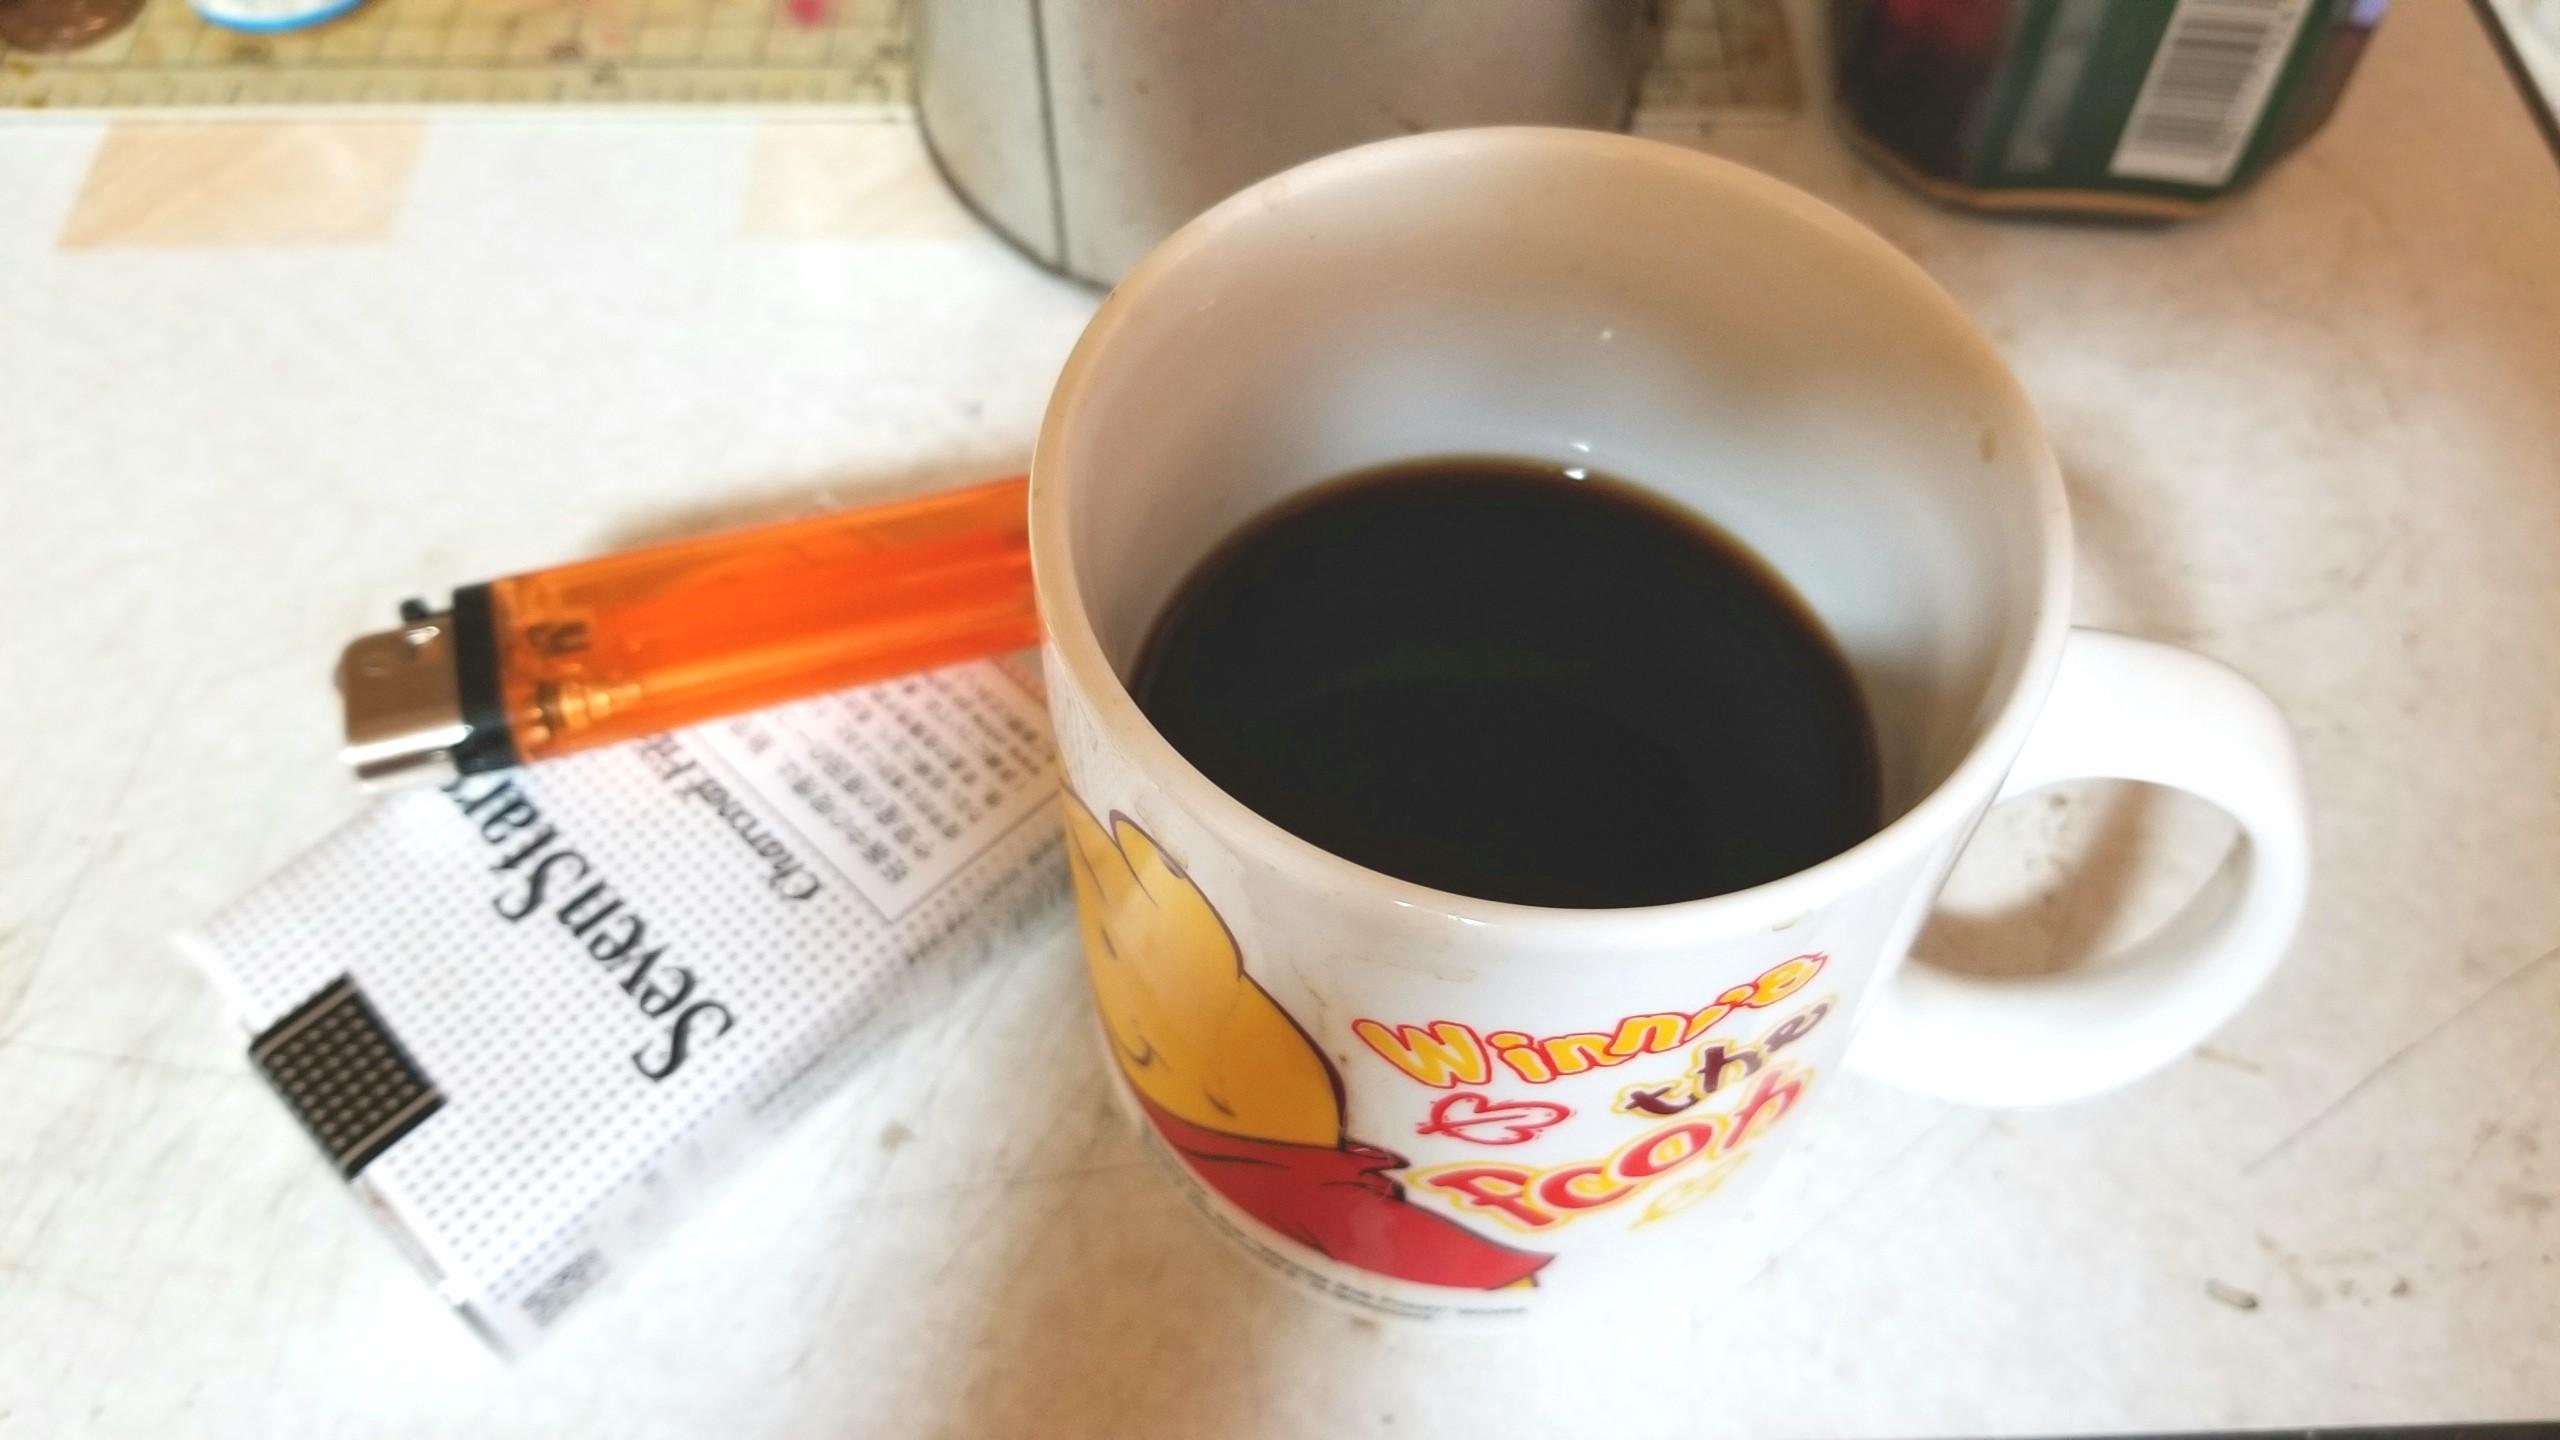 朝は珈琲とタバコ,モーニングコーヒー,たばこの値上がり反対,喫煙者